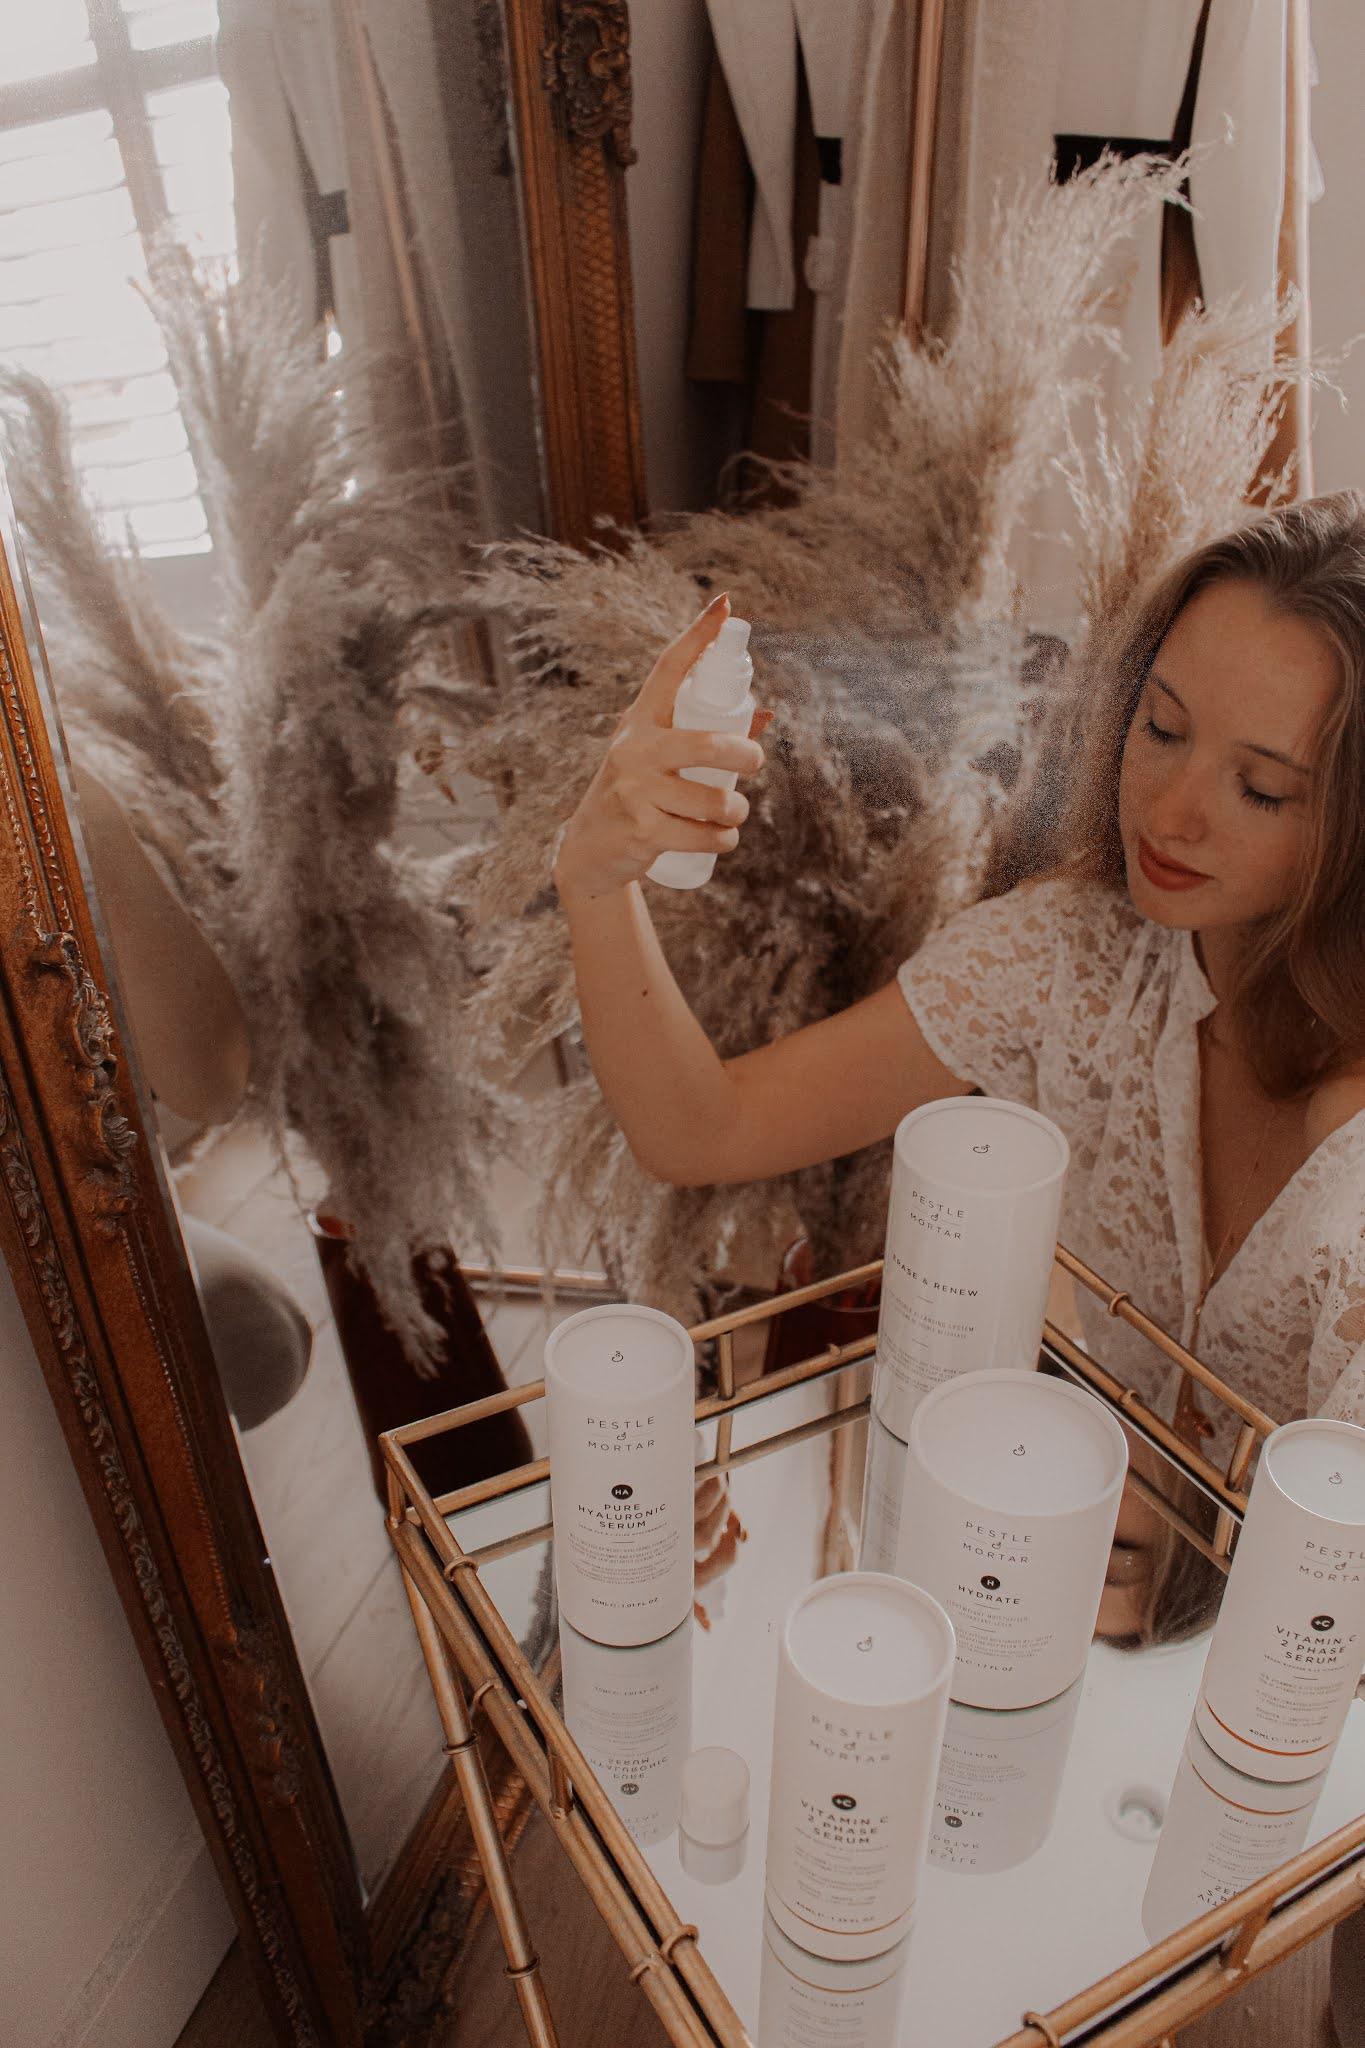 Pestle & Mortar skincare essentials beauty blog review